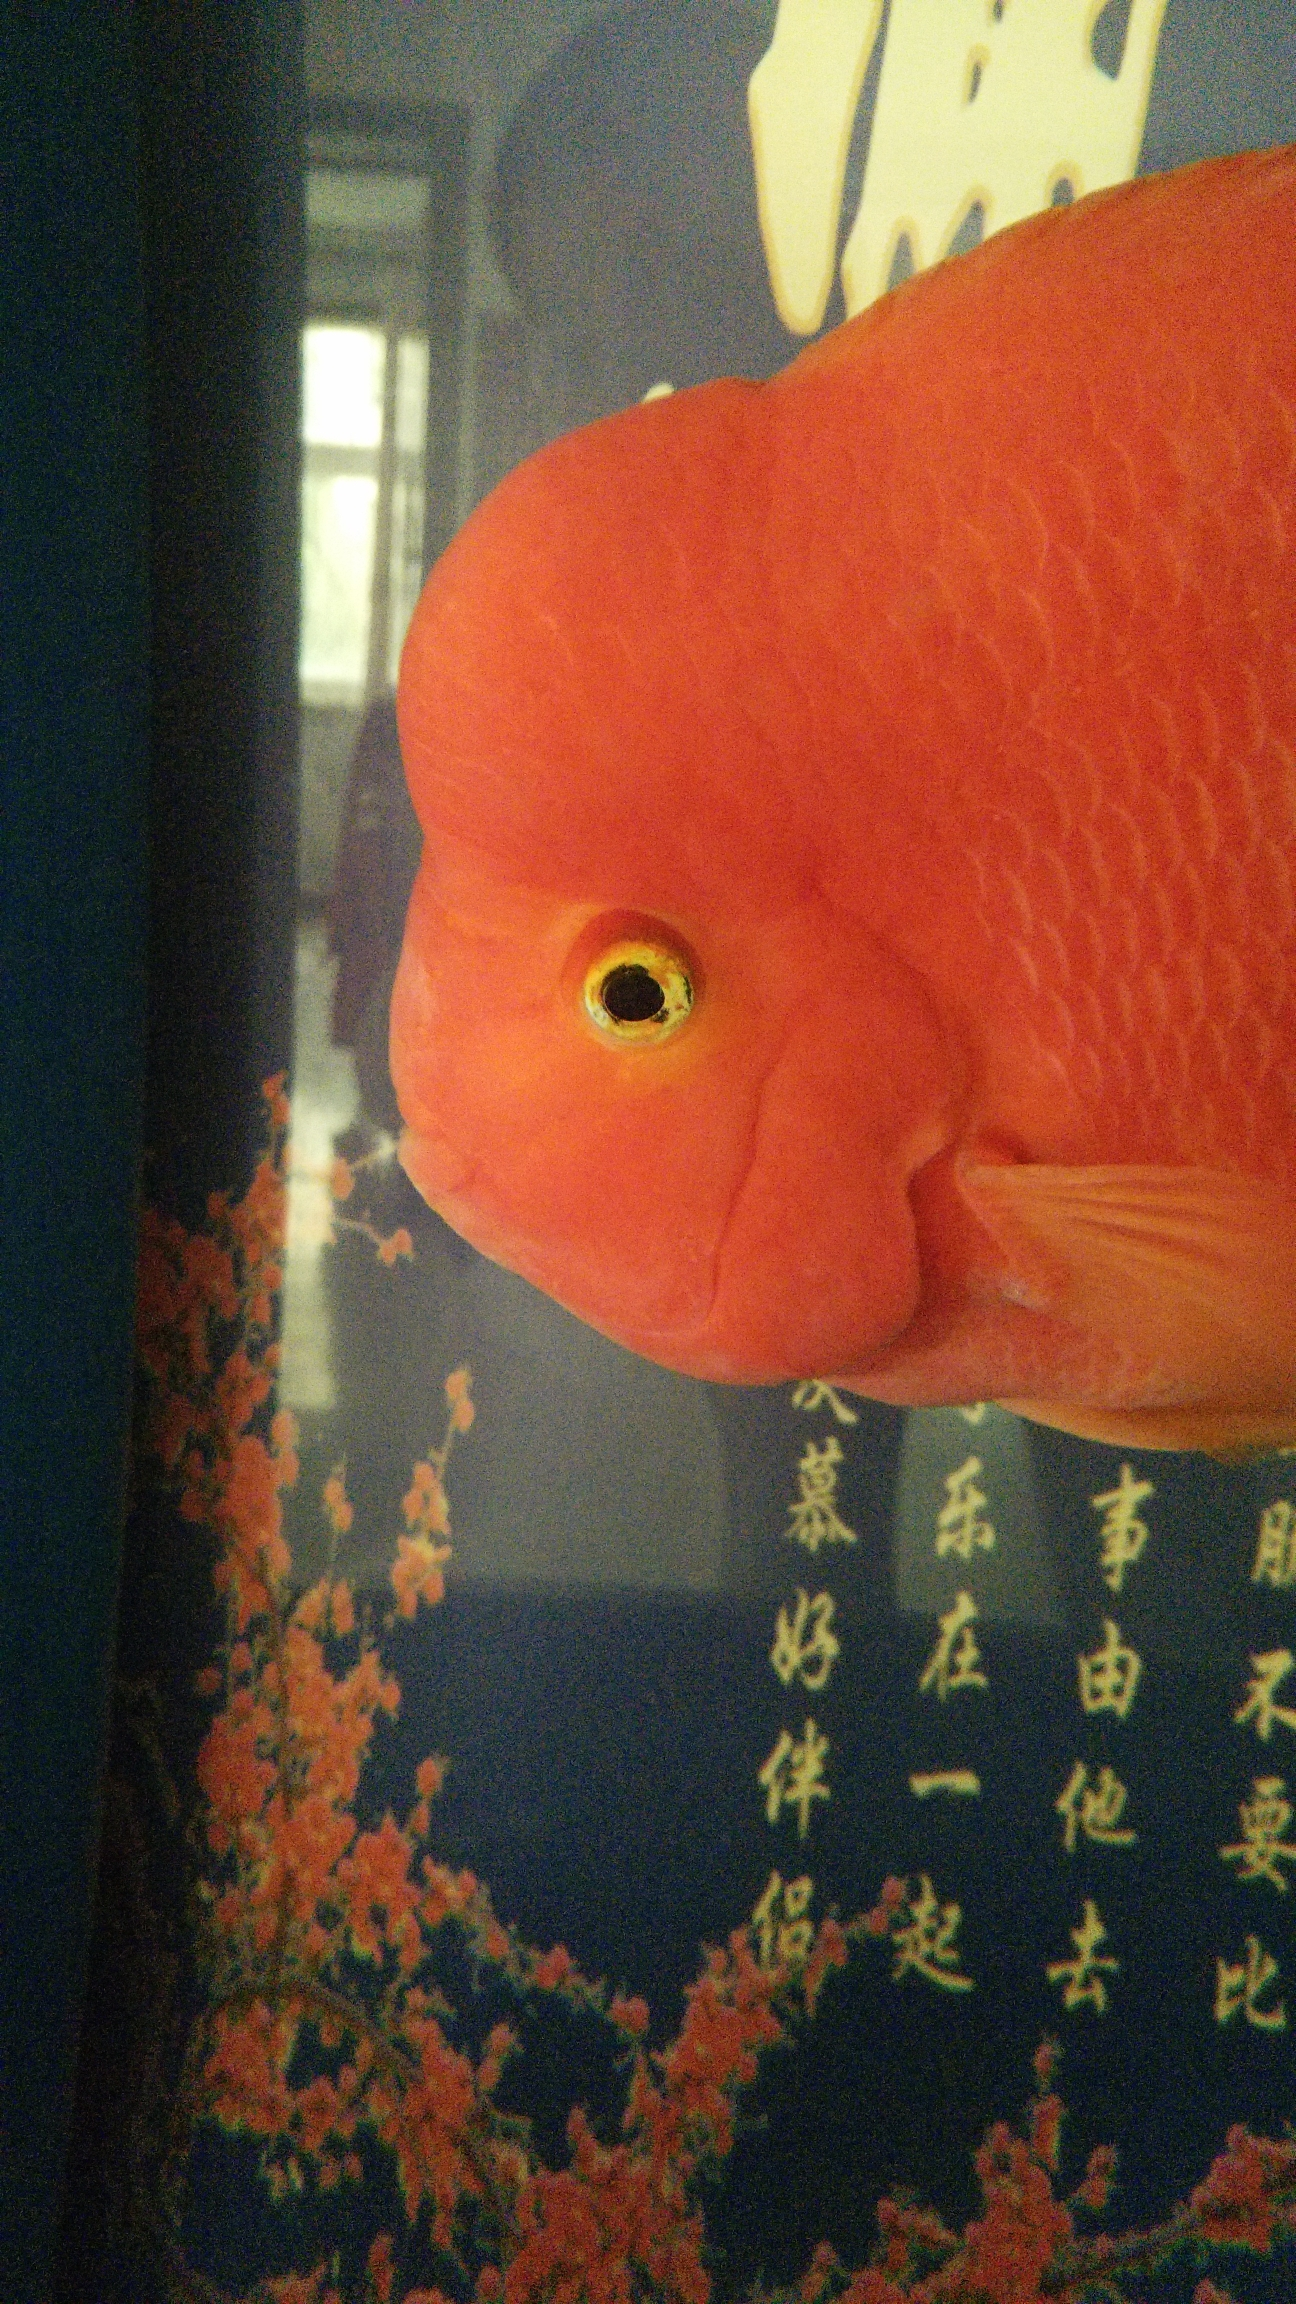 【西安慈鲷鱼】今晚直播请假 西安观赏鱼信息 西安博特第3张